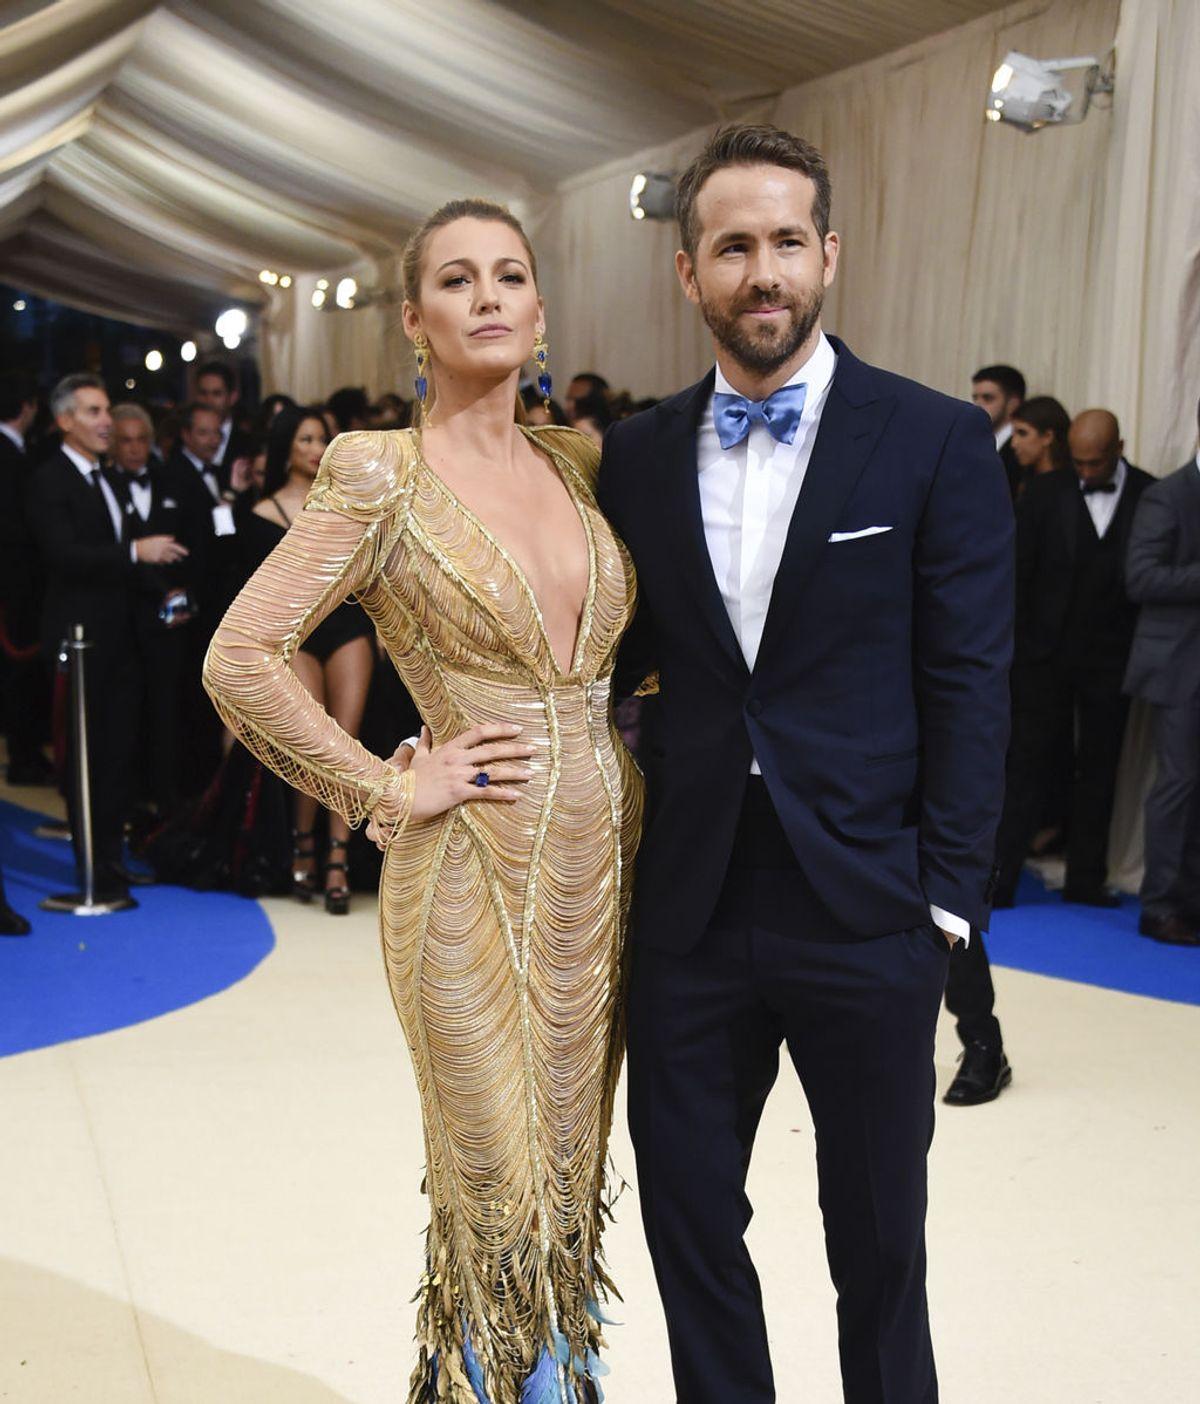 Ryan Reynolds publica unas fotos de su mujer Blake Lively en las que sale irreconocible